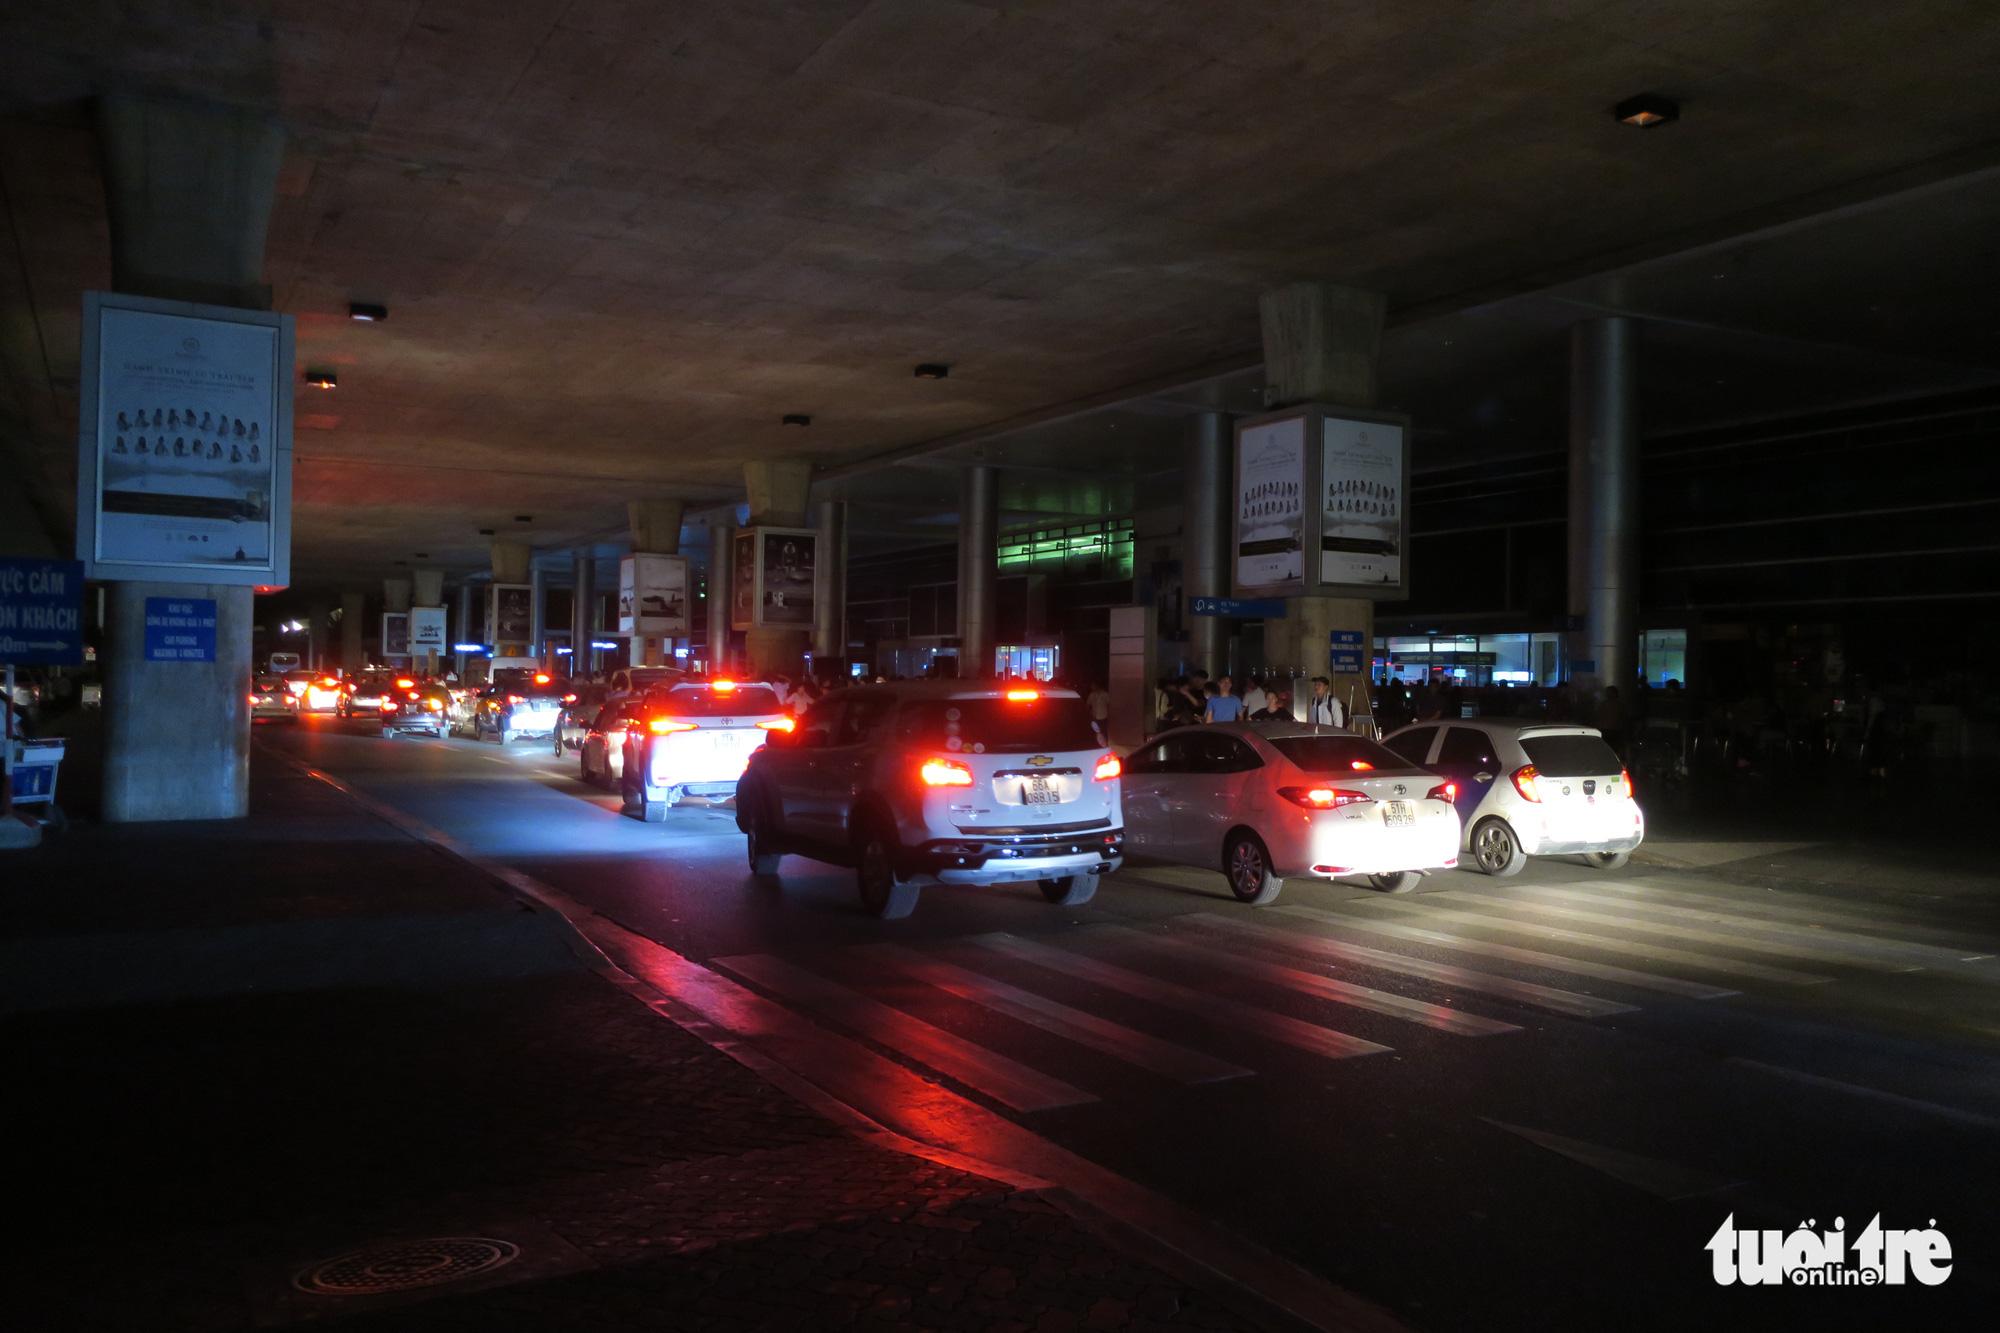 Khu vực ga quốc tế sân bay Tân Sơn Nhất bất ngờ bị cúp điện.